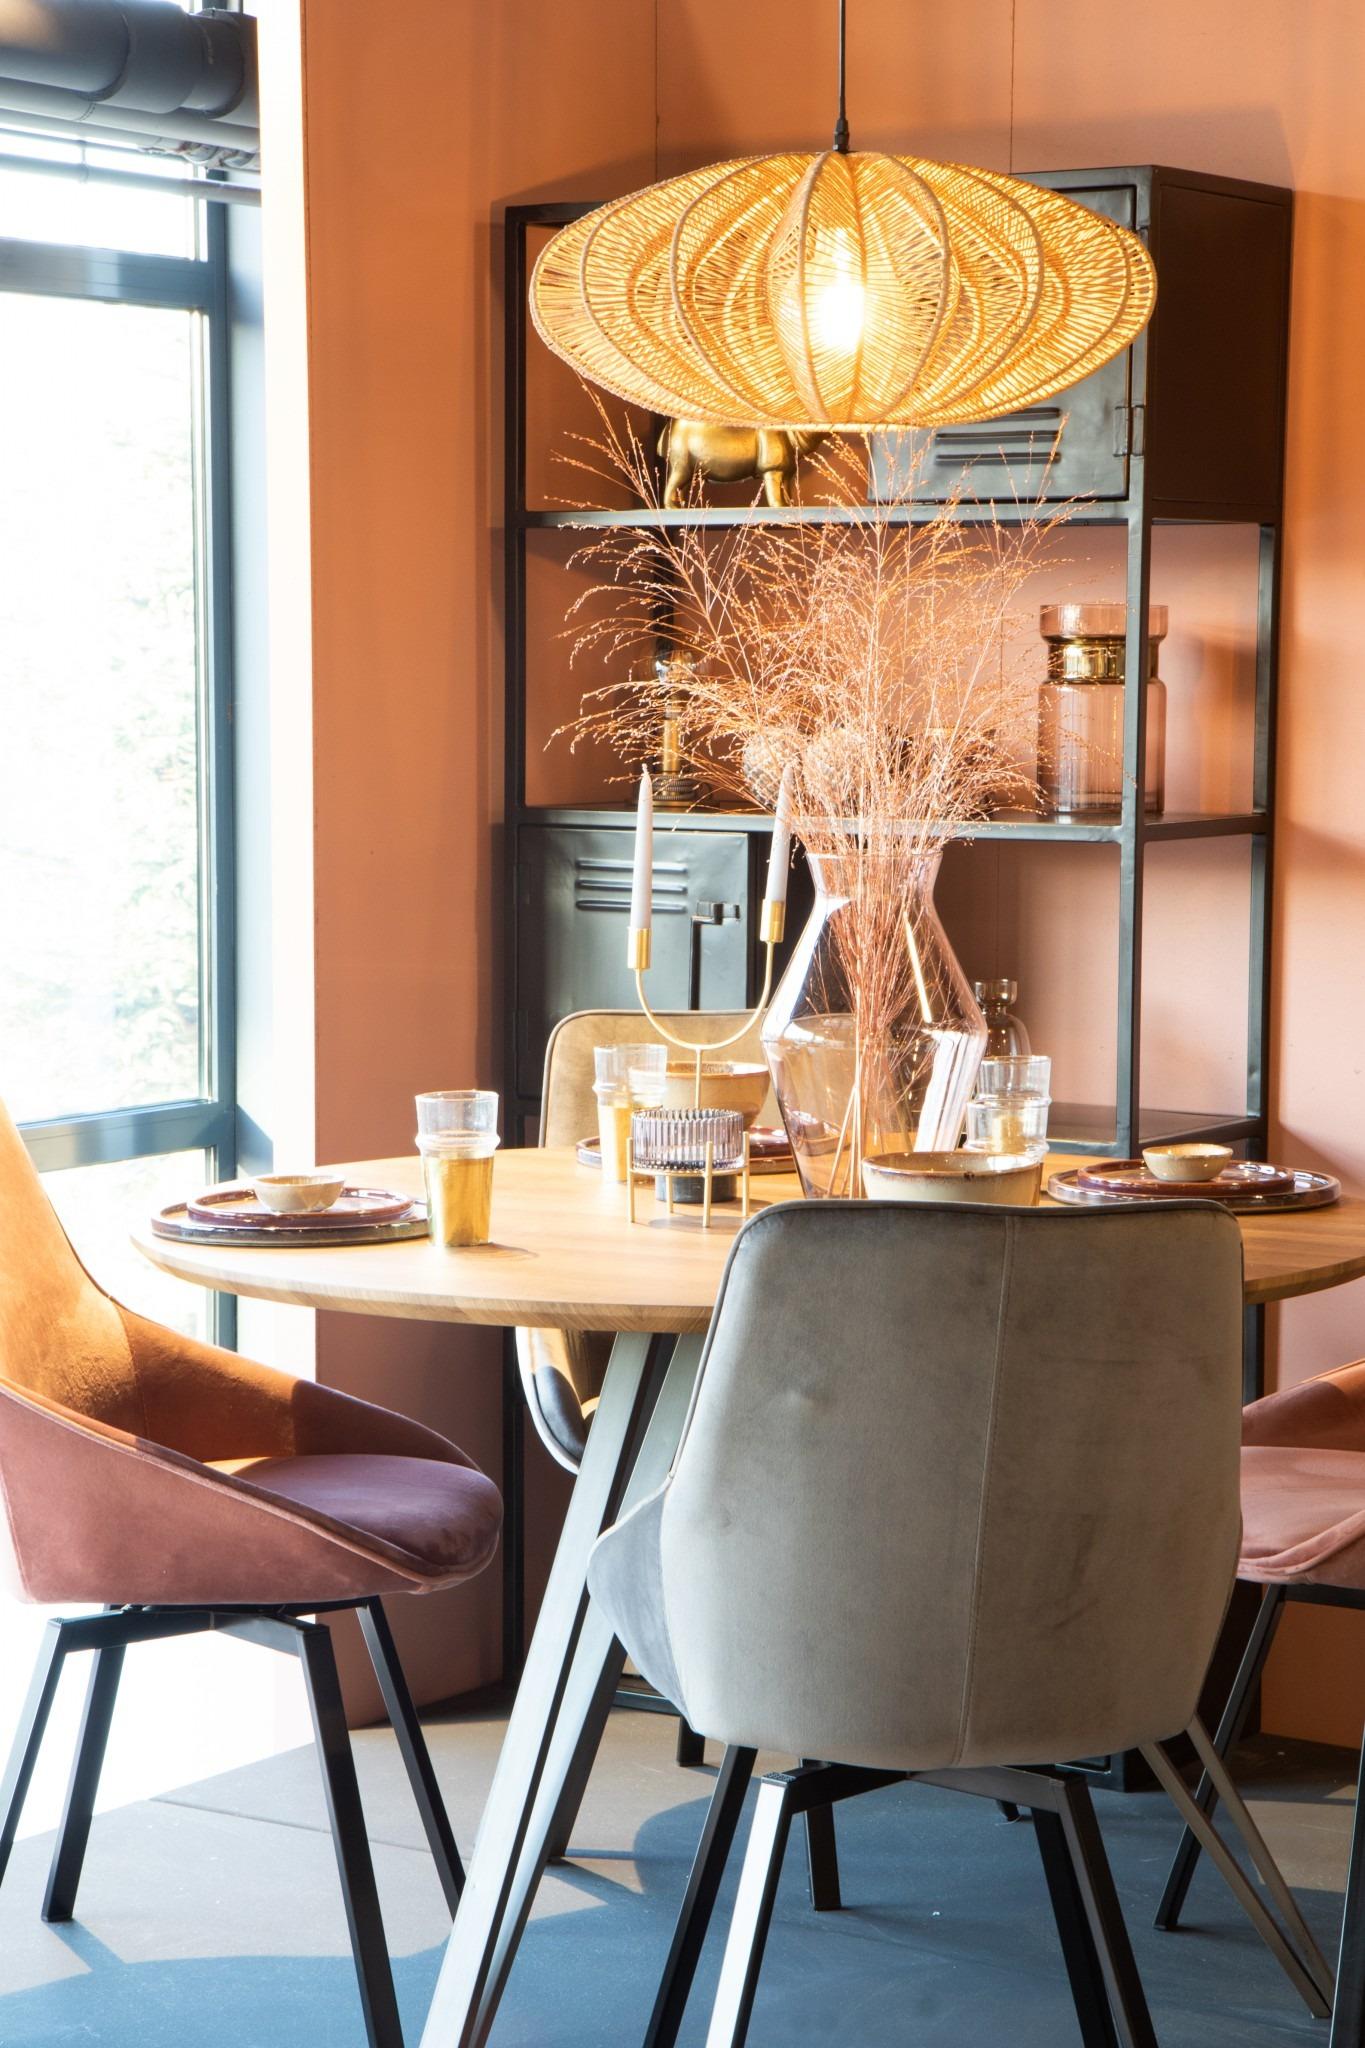 stijlkamer met een feestelijke sfeer in roze en goud tinten